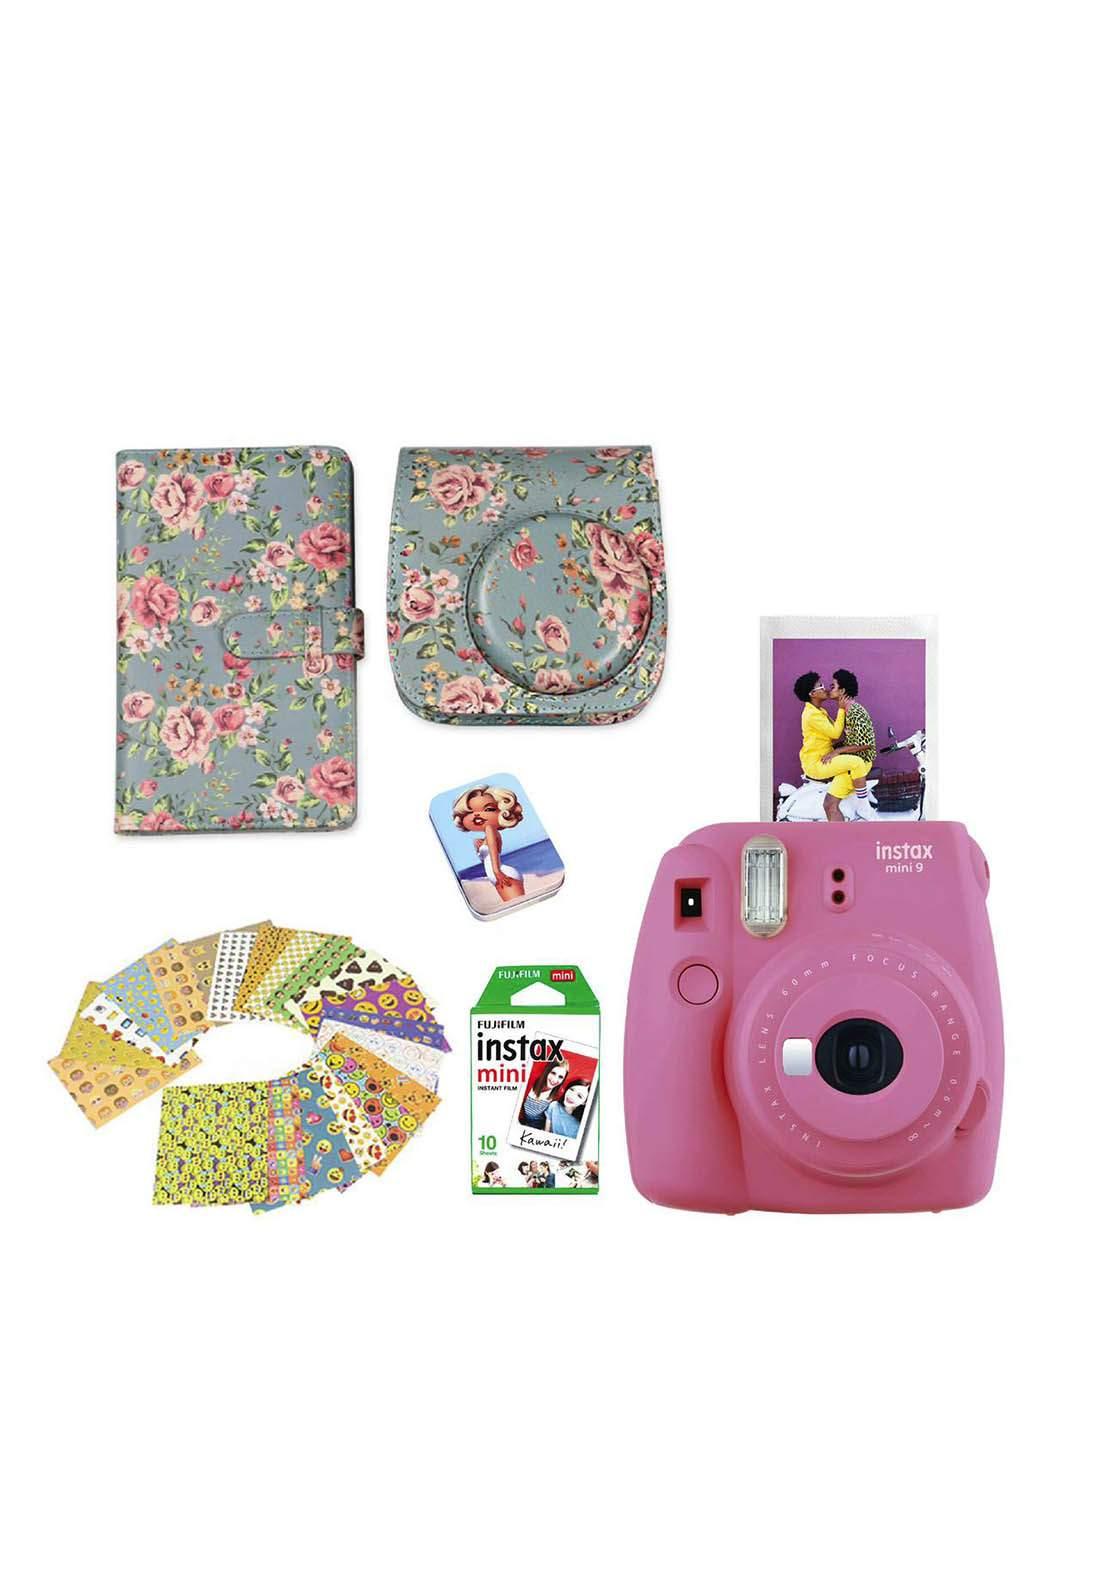 Fujifilm Instax LifeStyle Pack Mini9 Camera Package - Pink كاميرا فورية